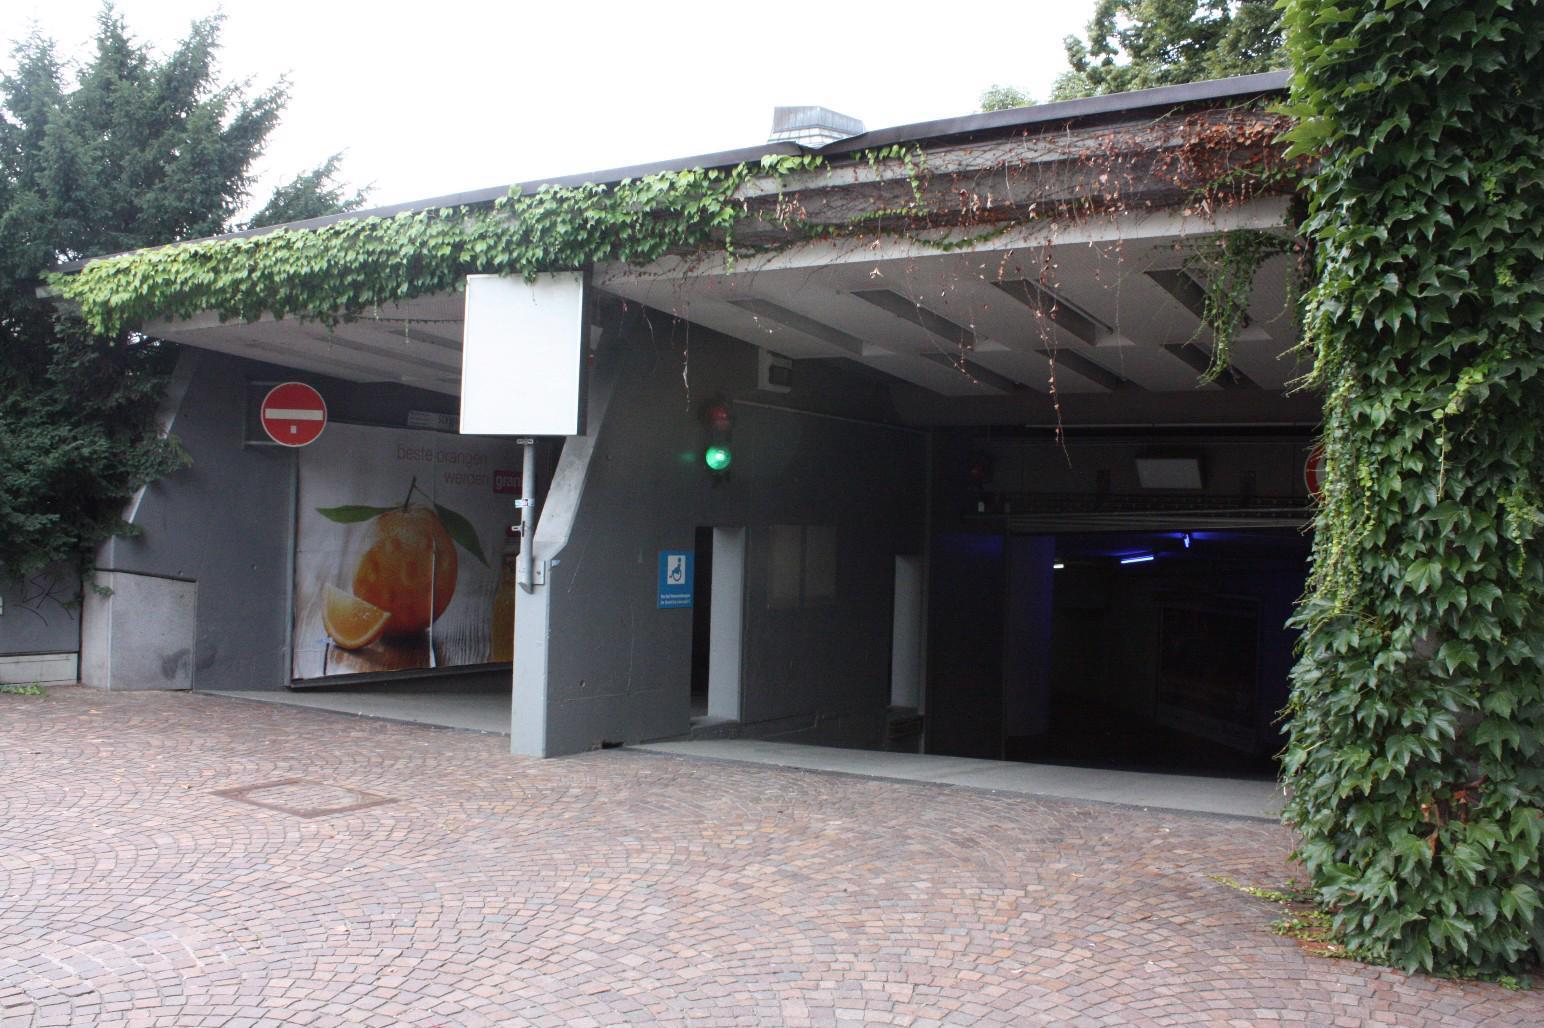 parken in holzgartenstra e apcoa parking. Black Bedroom Furniture Sets. Home Design Ideas